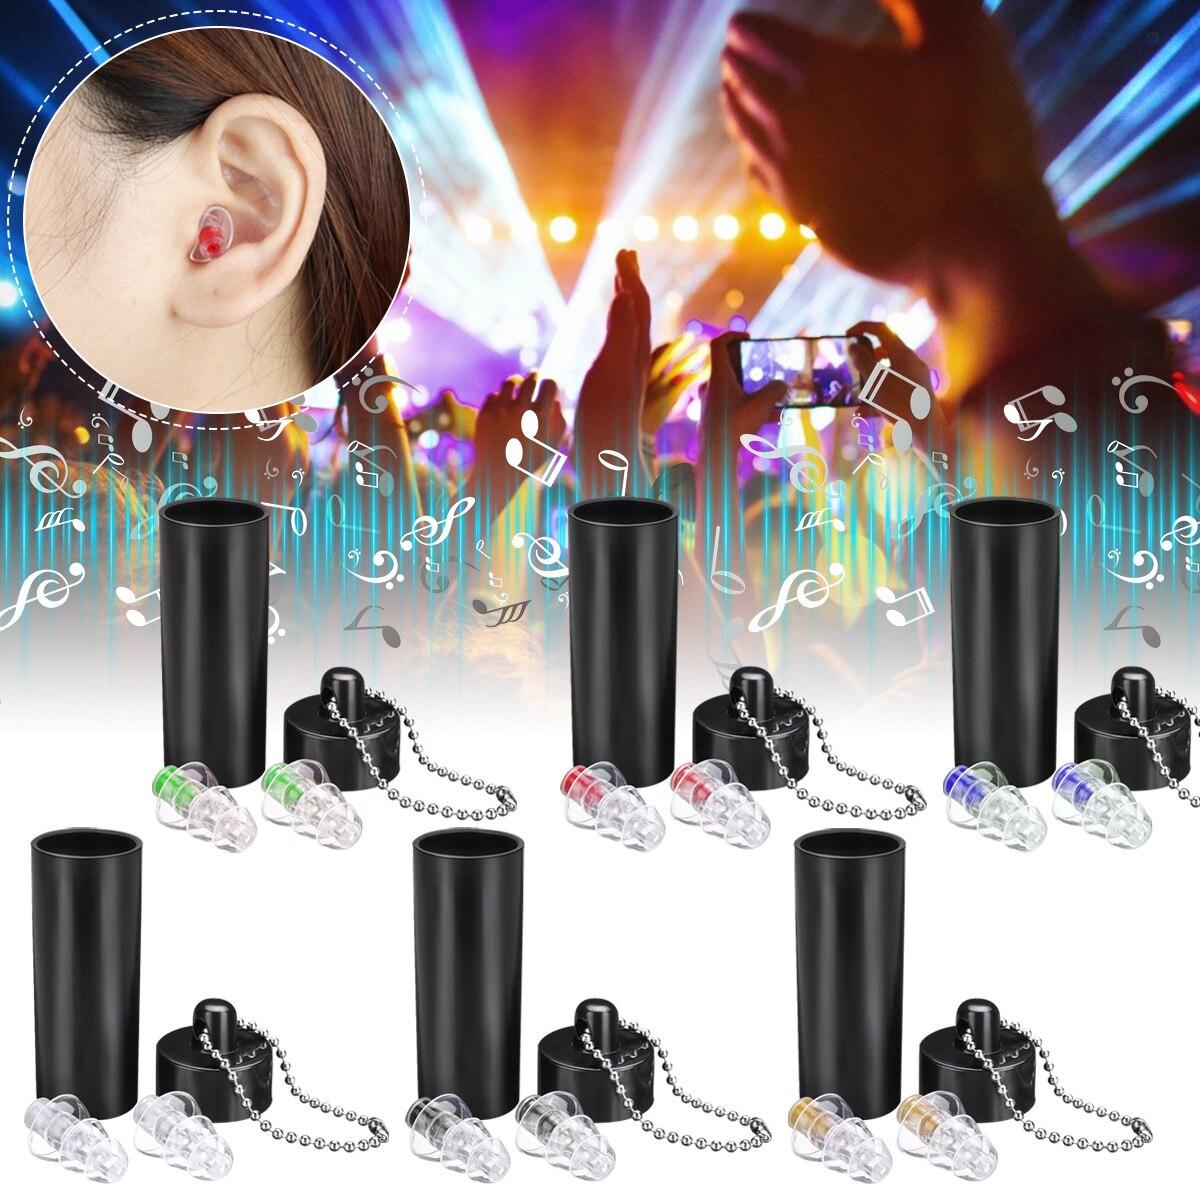 Tapón de protección auditiva con reducción de ruido 27dB para DJ concierto músico batería motociclismo reutilizable Cuidado del sueño Auriculares inalámbricos Sabbat E12 Ultra QCC3020 TWS con Bluetooth 5,0, auriculares estéreo inalámbricos con reducción de ruido, auriculares con carga inalámbrica